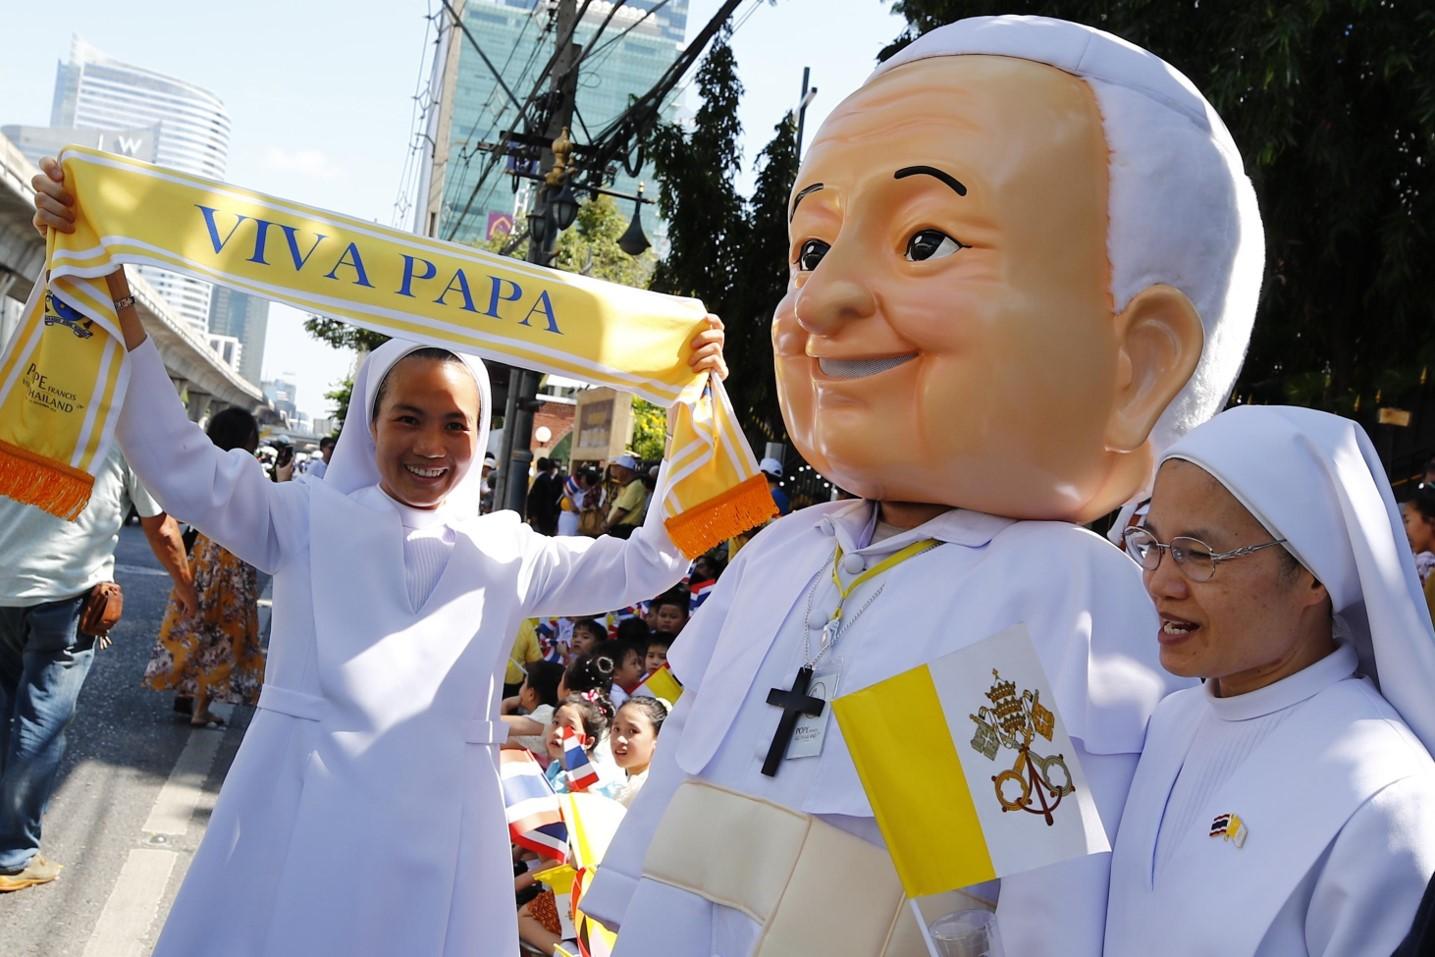 Un thailandese vestito con un costume di Papa Francesco sfila con delle suore con in mano una sciarpa che lo saluta